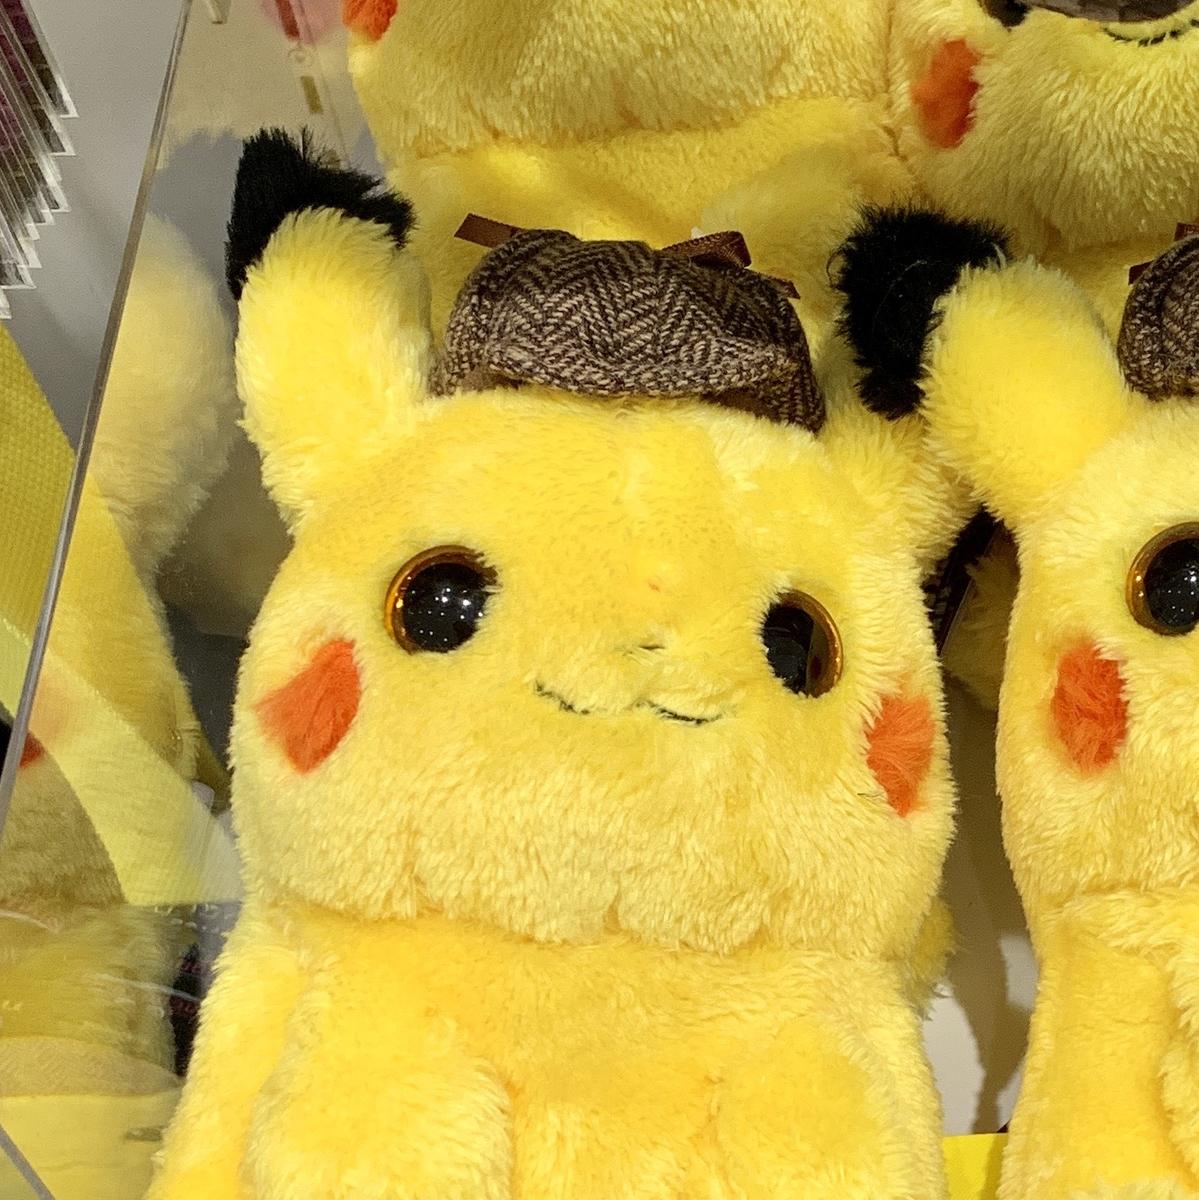 f:id:pikachu_pcn:20190518211909j:plain